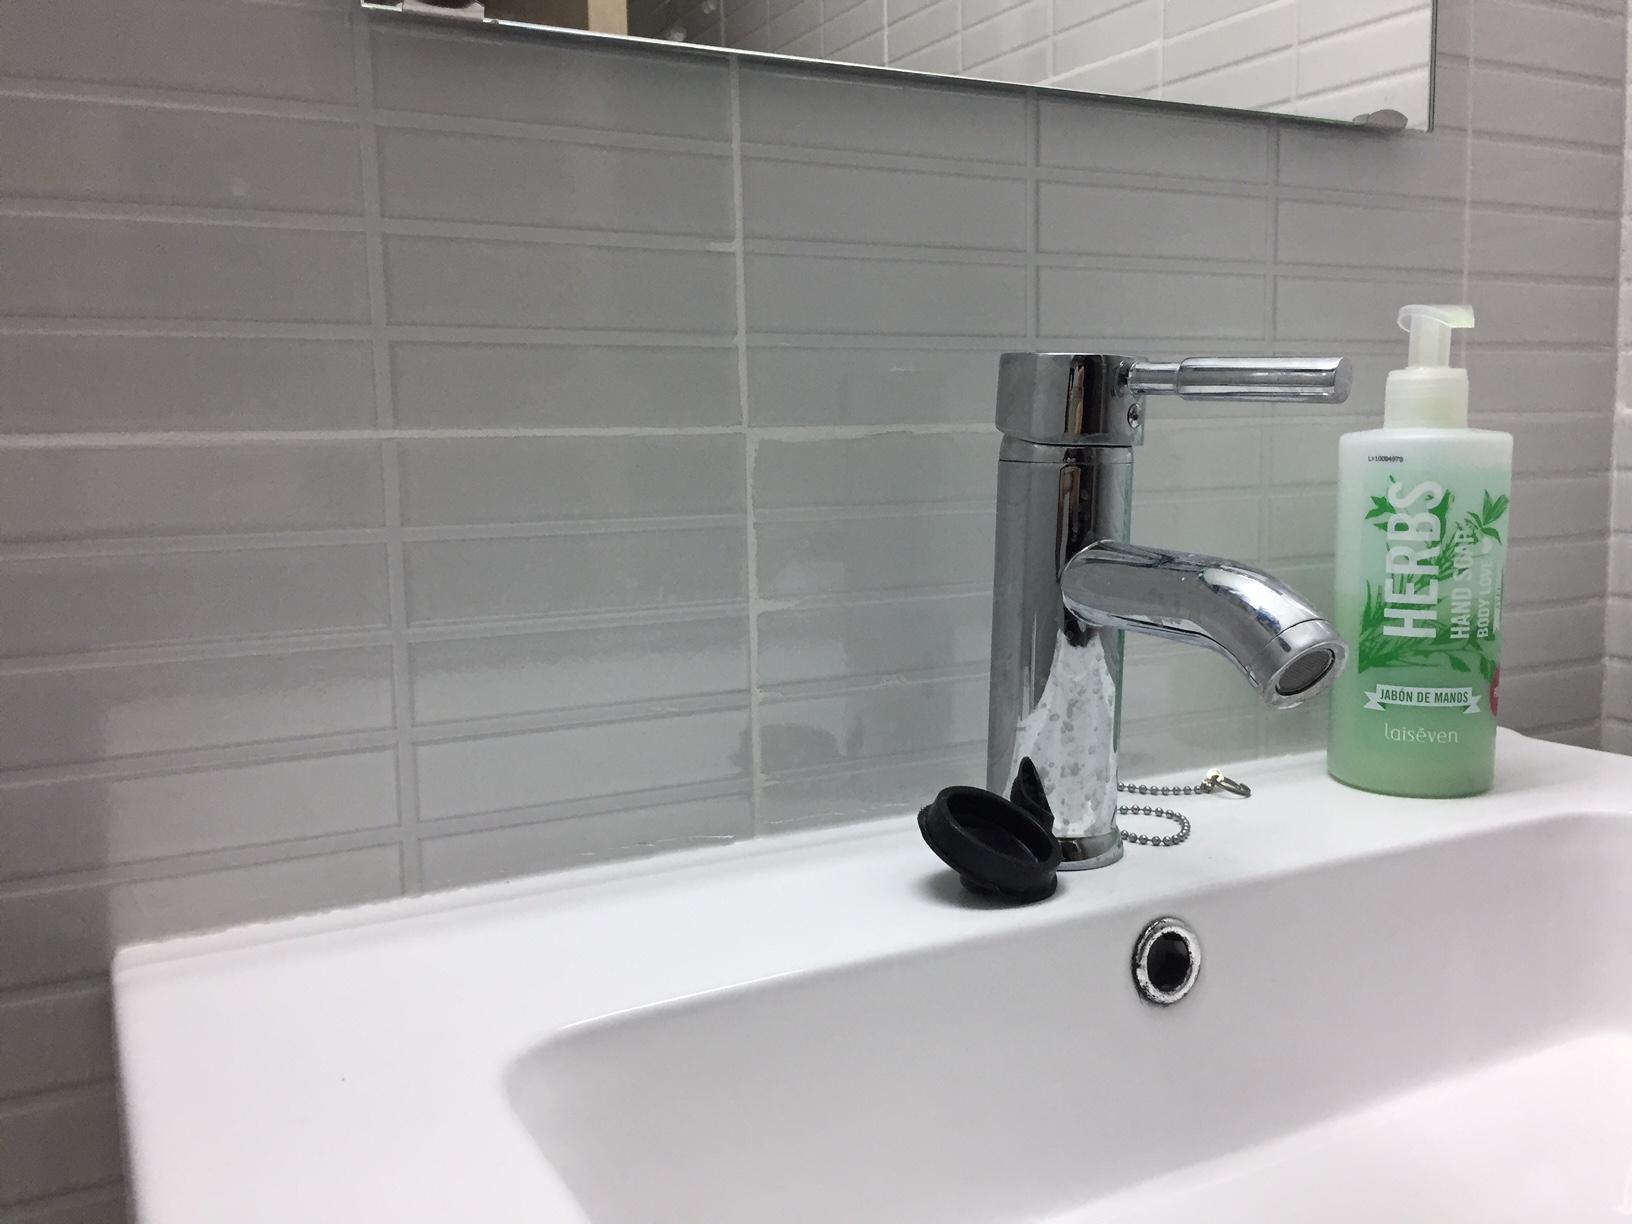 Consejos ba o como limpiar las juntas del cuarto de ba o - Limpiar juntas azulejos ducha ...